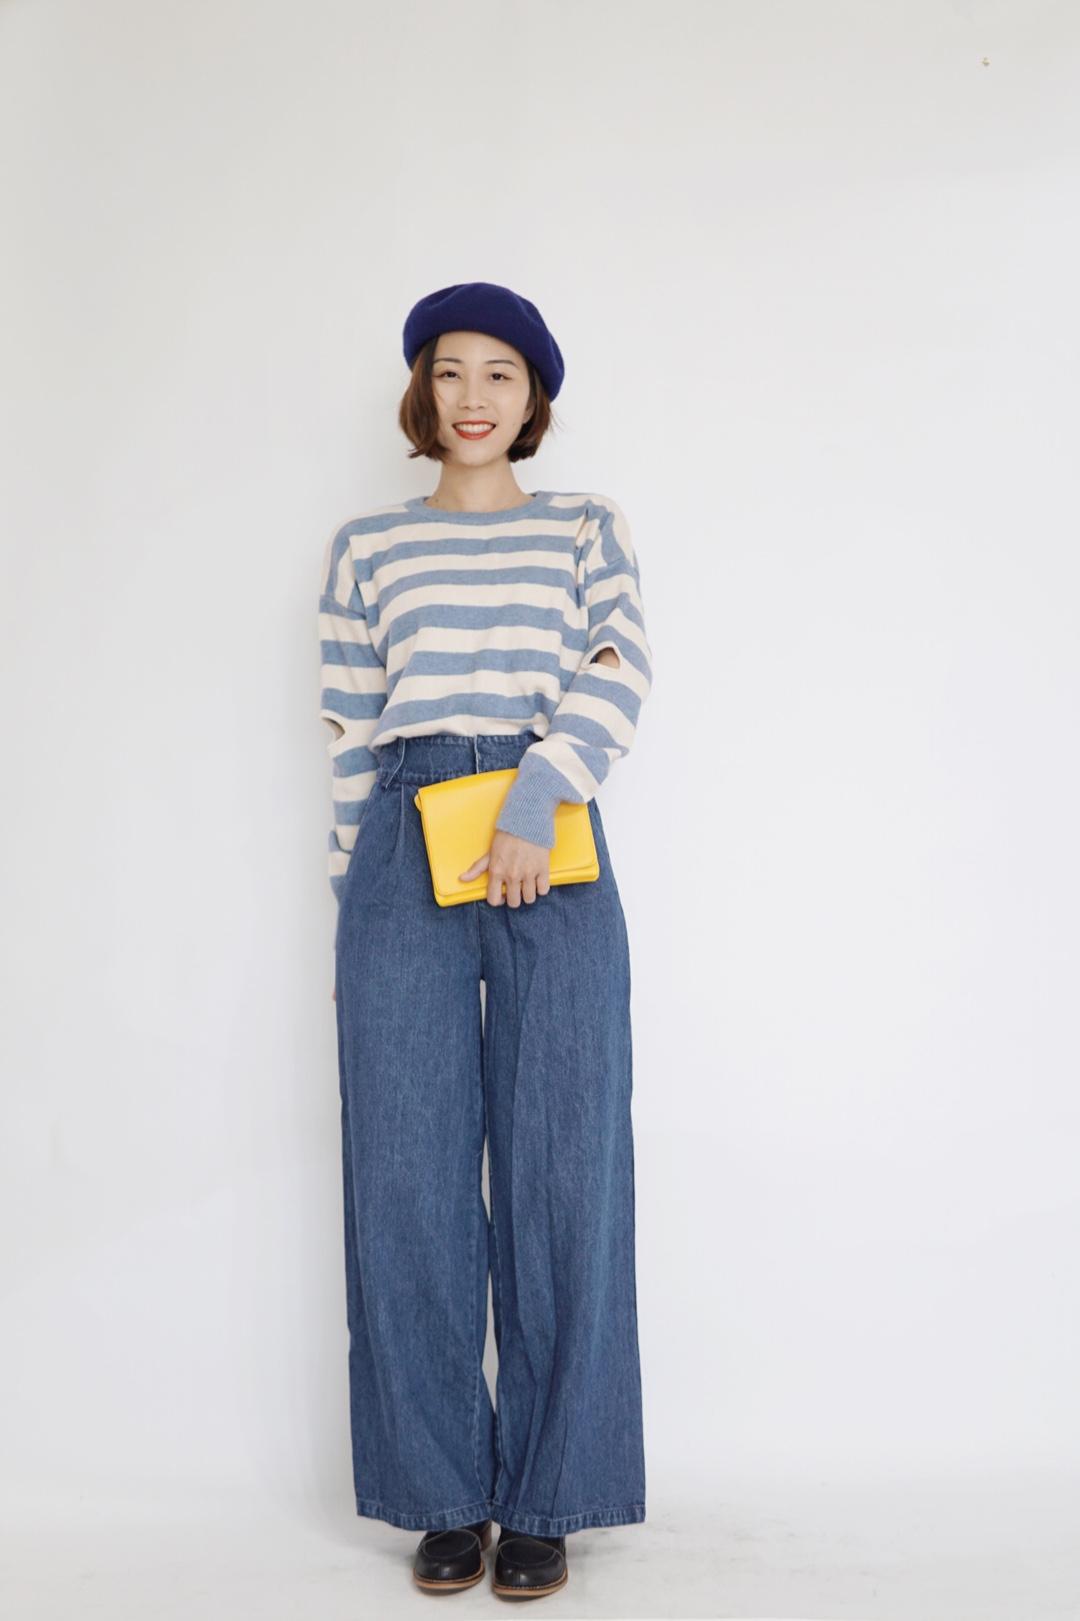 #温柔风必须是直男杀手锏# 条纹毛衣看起来太温柔了吧!与贝雷帽相映成辉,非常好看!裤子也是蓝色系的,一套同色系,但手提包却与之撞色,特别得来又有点小惊喜。